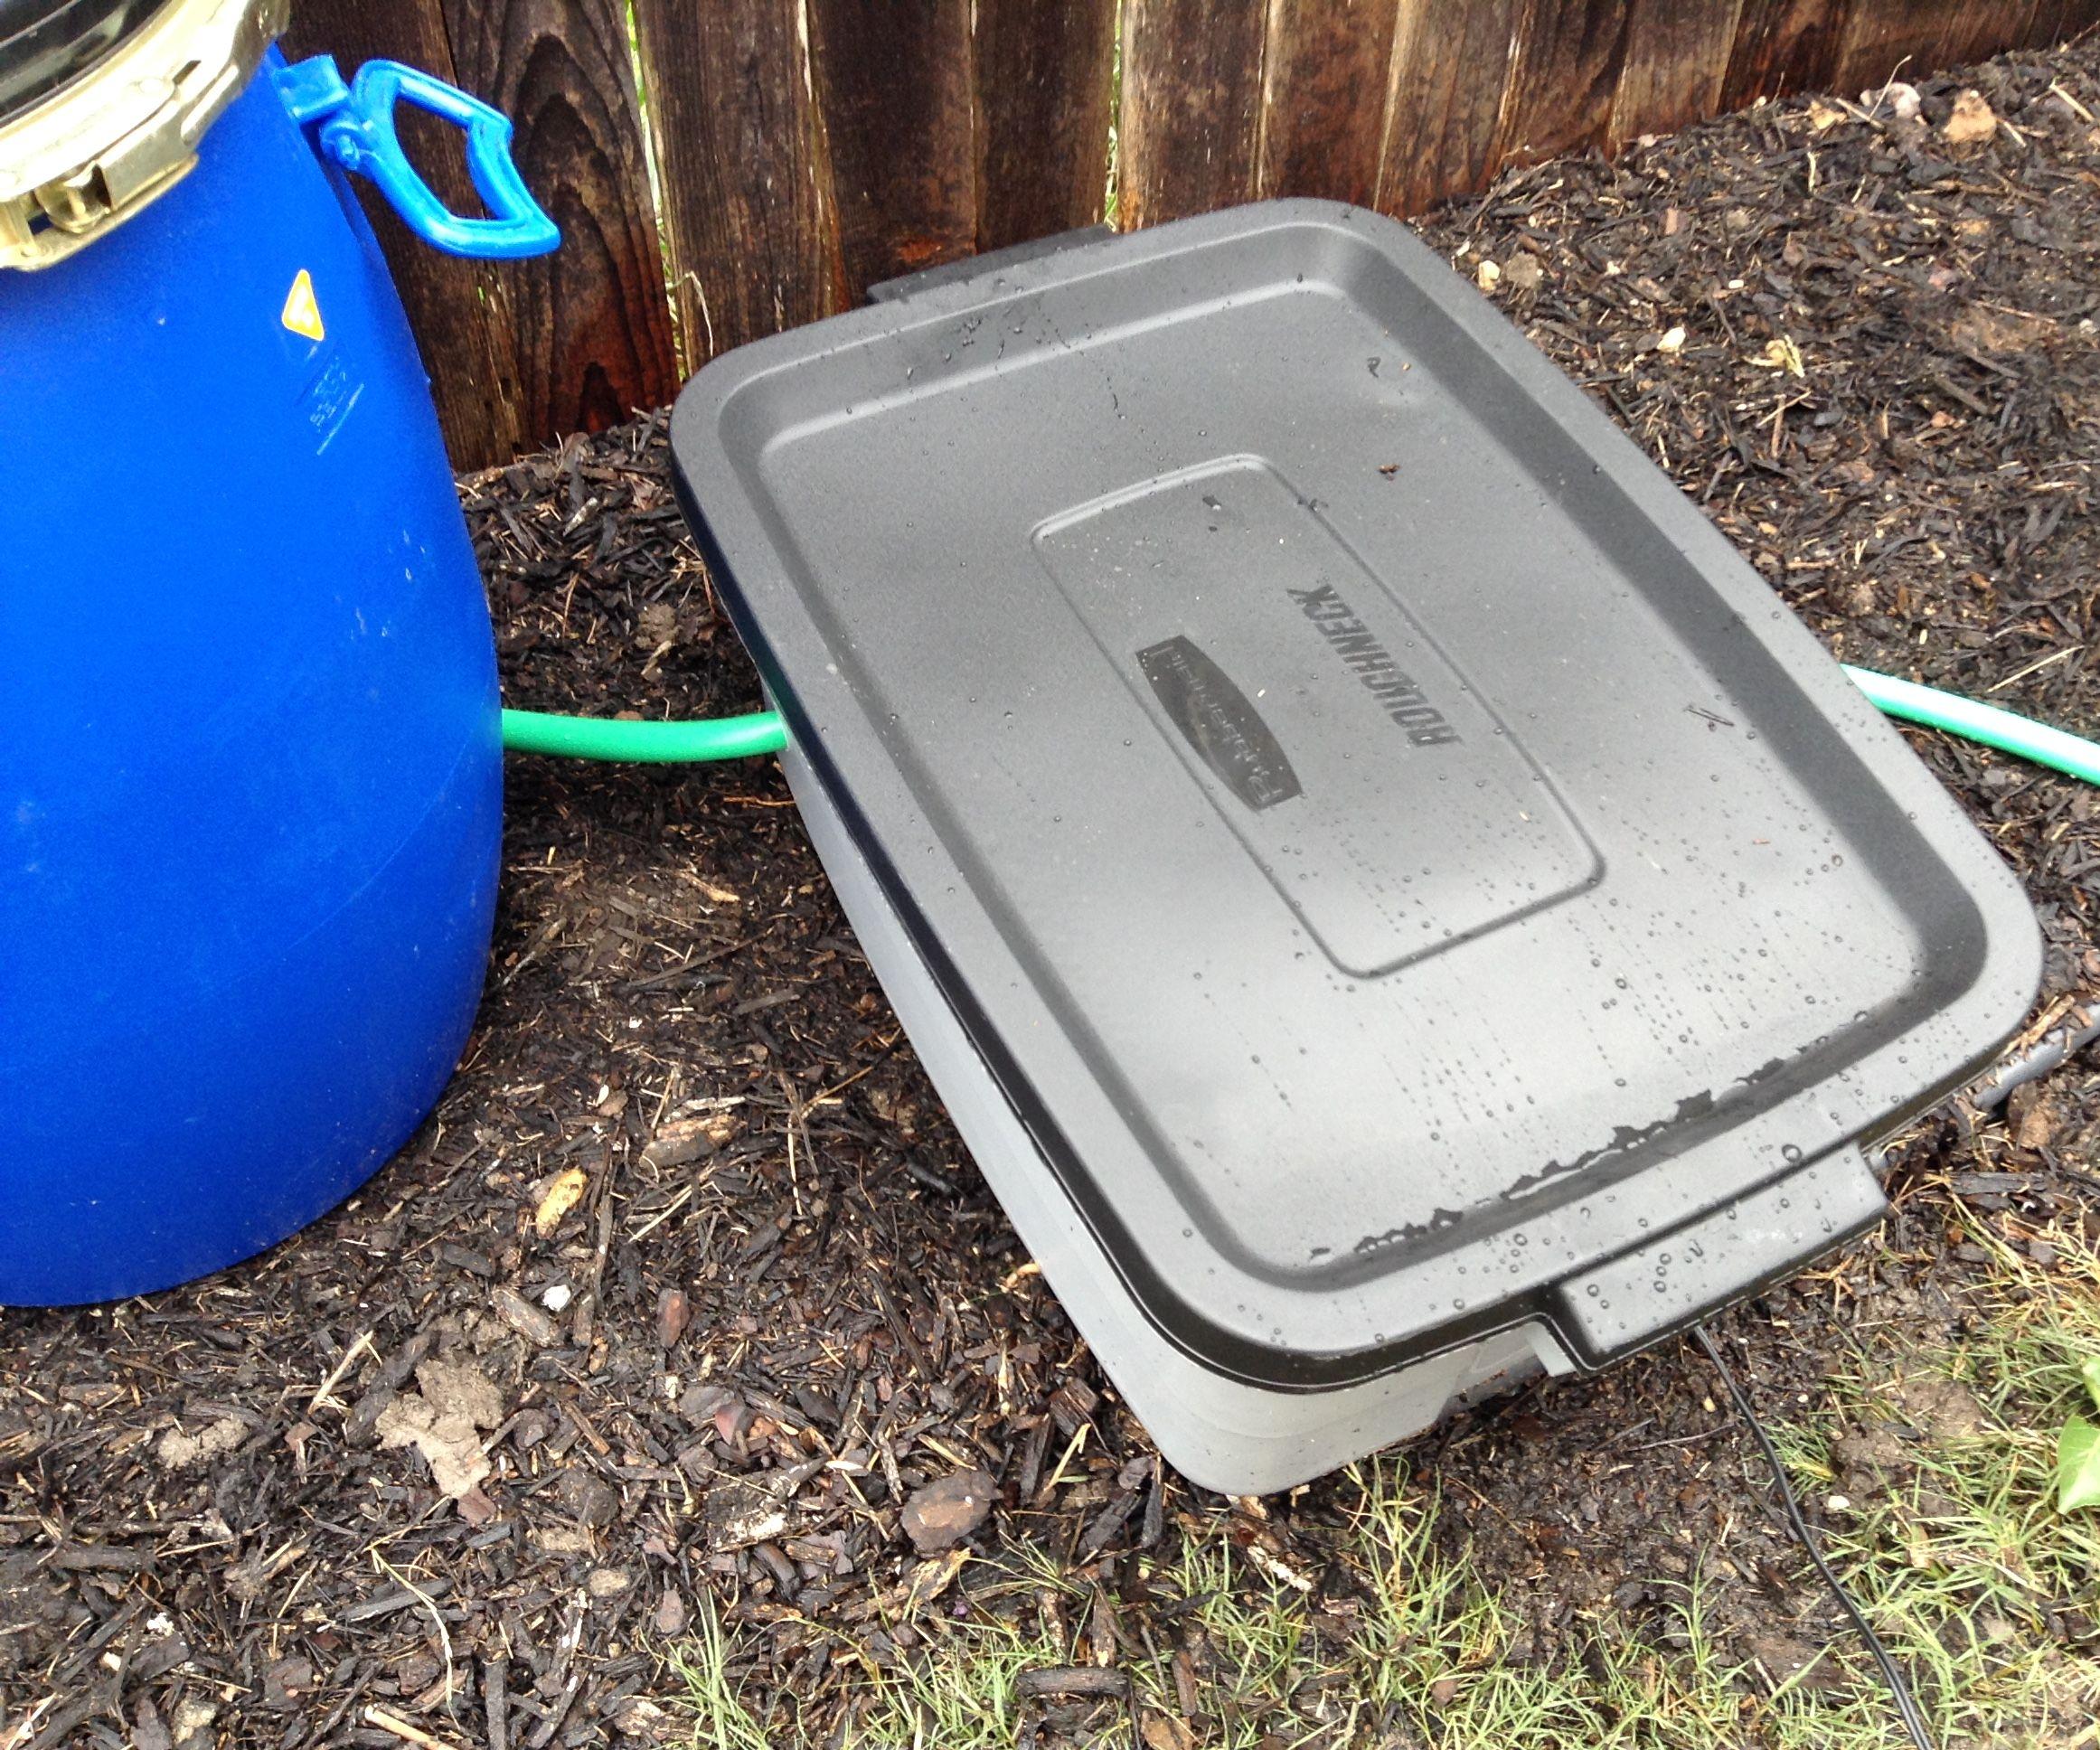 Portable garden pumps